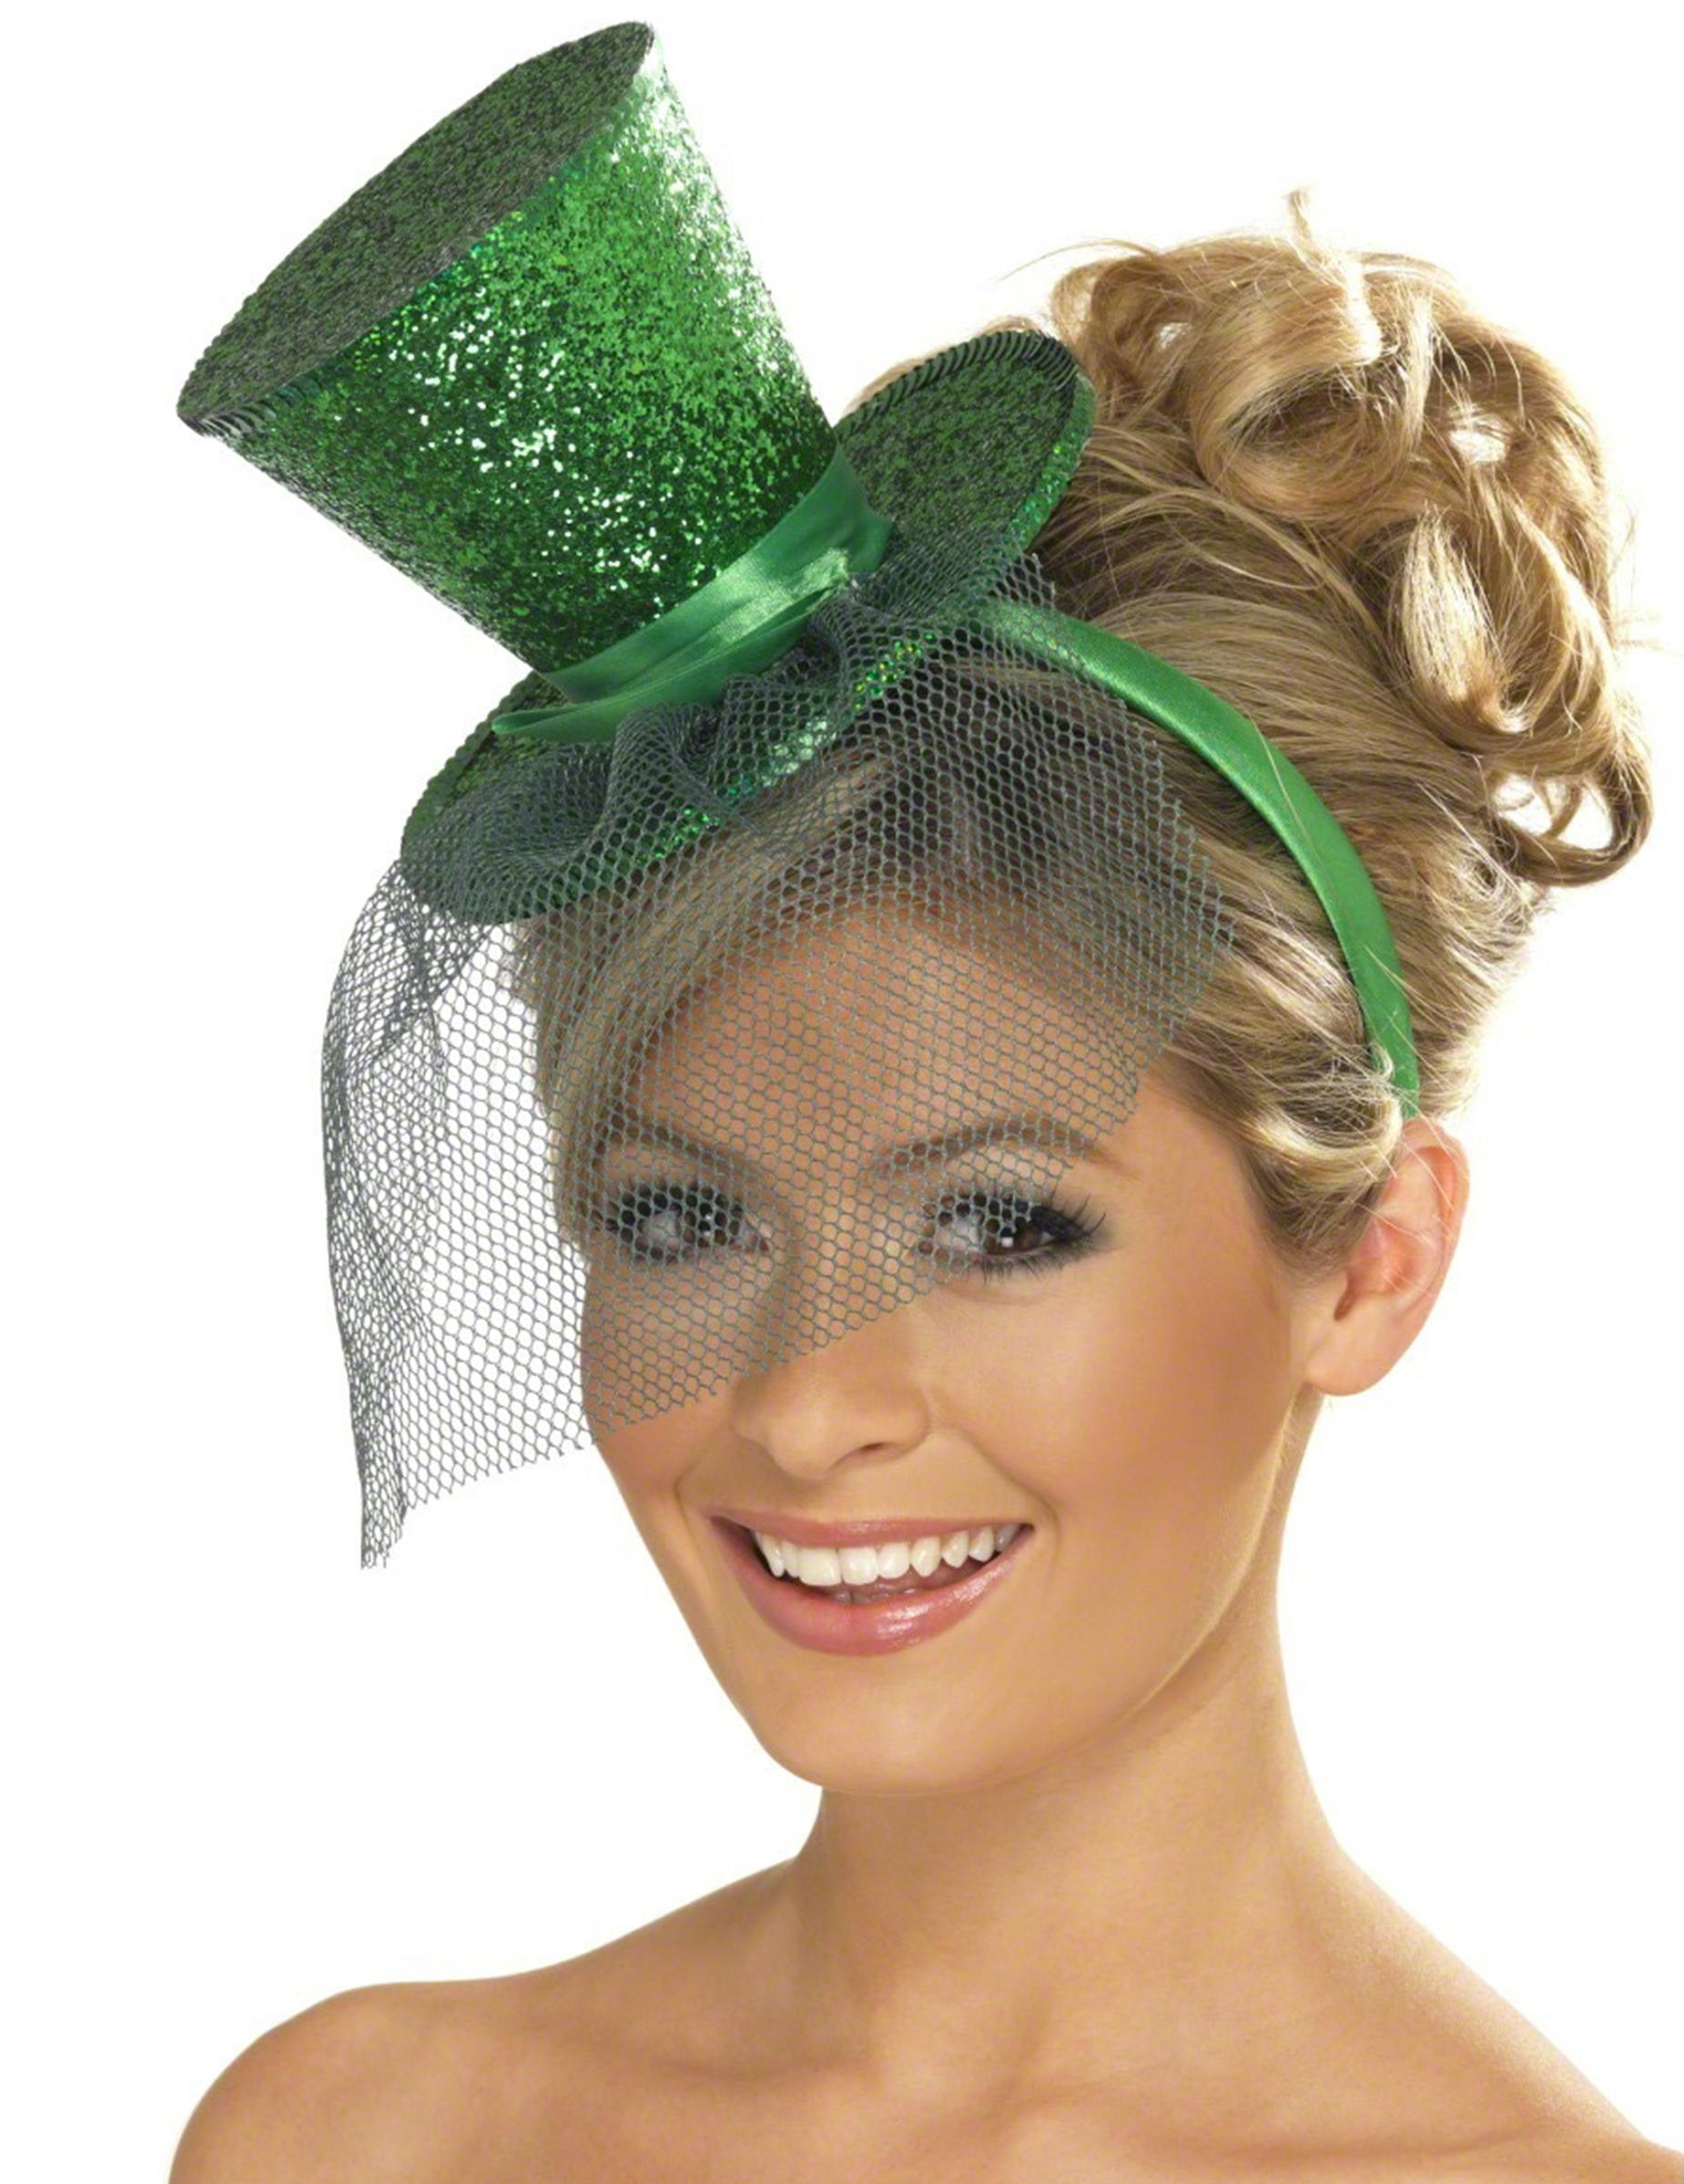 Mini-chapeaux pour accessoiriser votre costume avec Deguisetoi 9fa5d729657